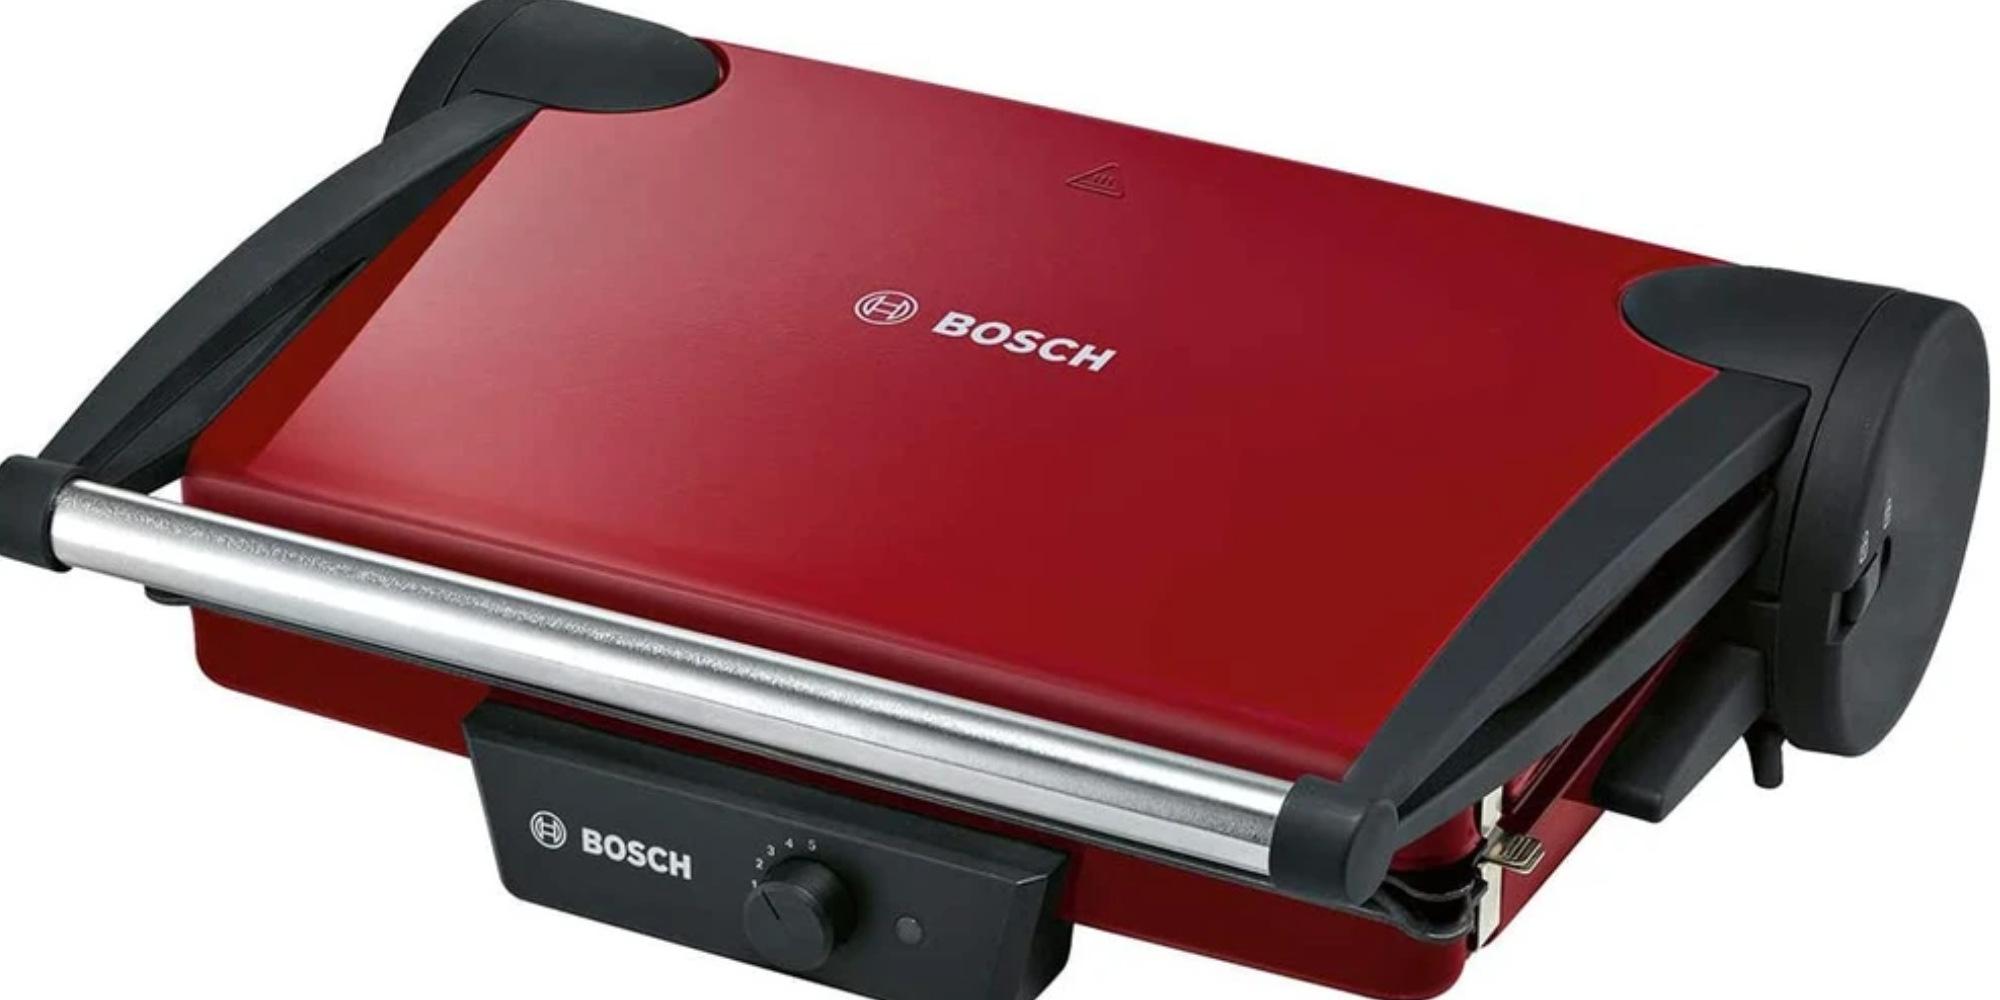 BOSCH TFB4402GB GRILL - أفضل أنواع الشوايات